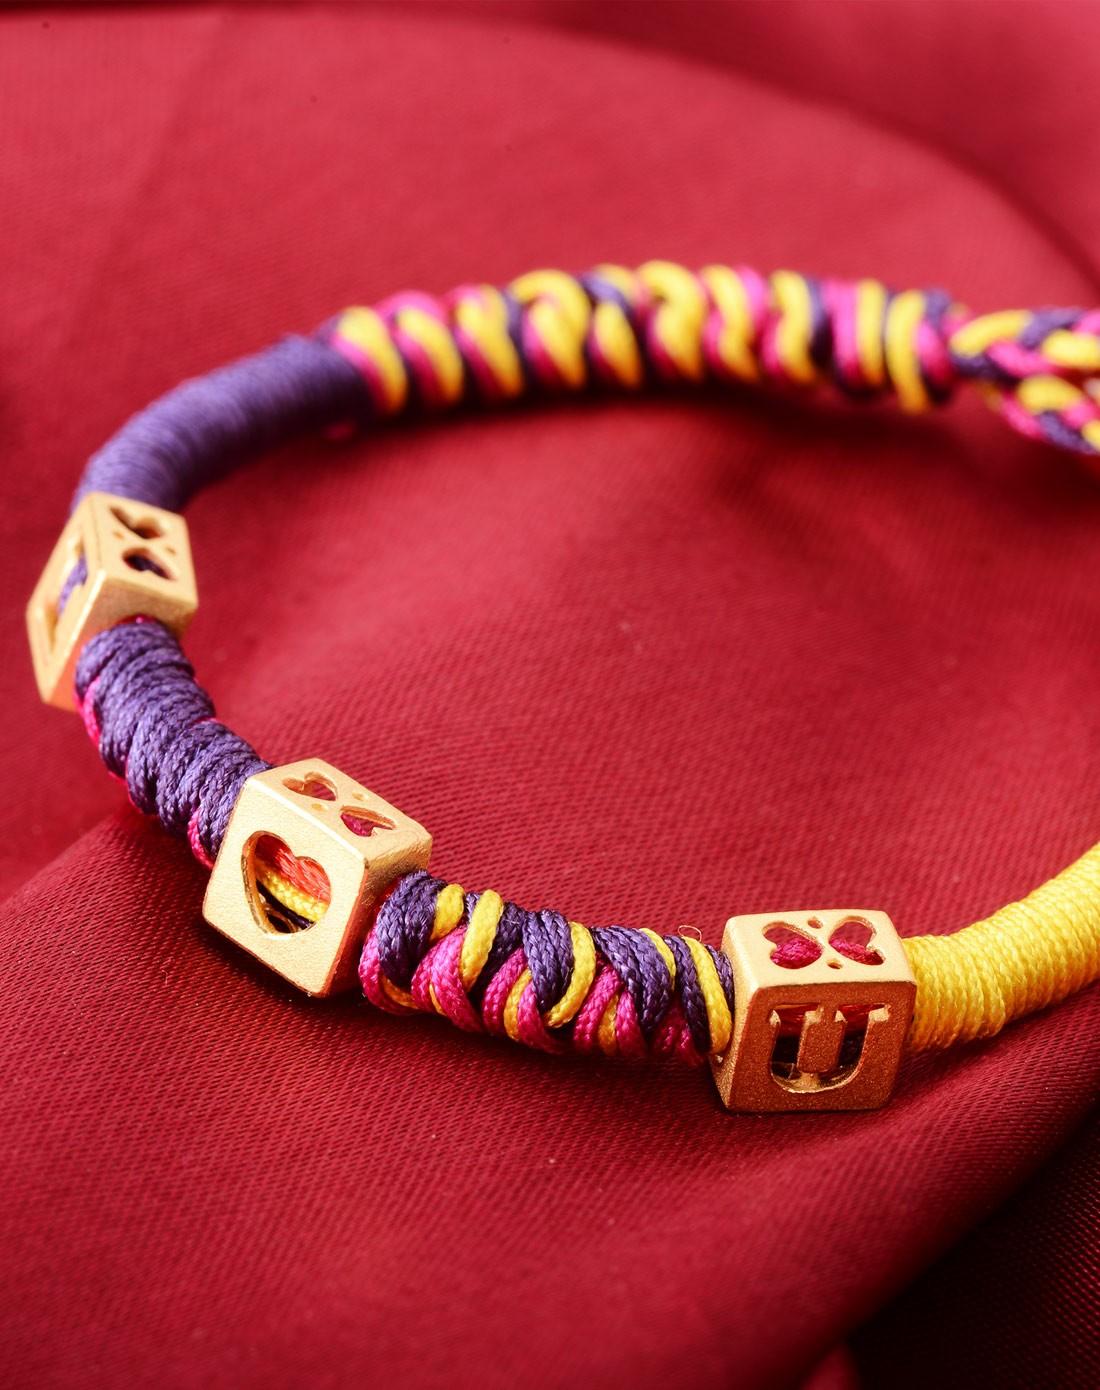 千足金黄金转运珠字母我爱你彩绳手链(三粒合计3.05克)